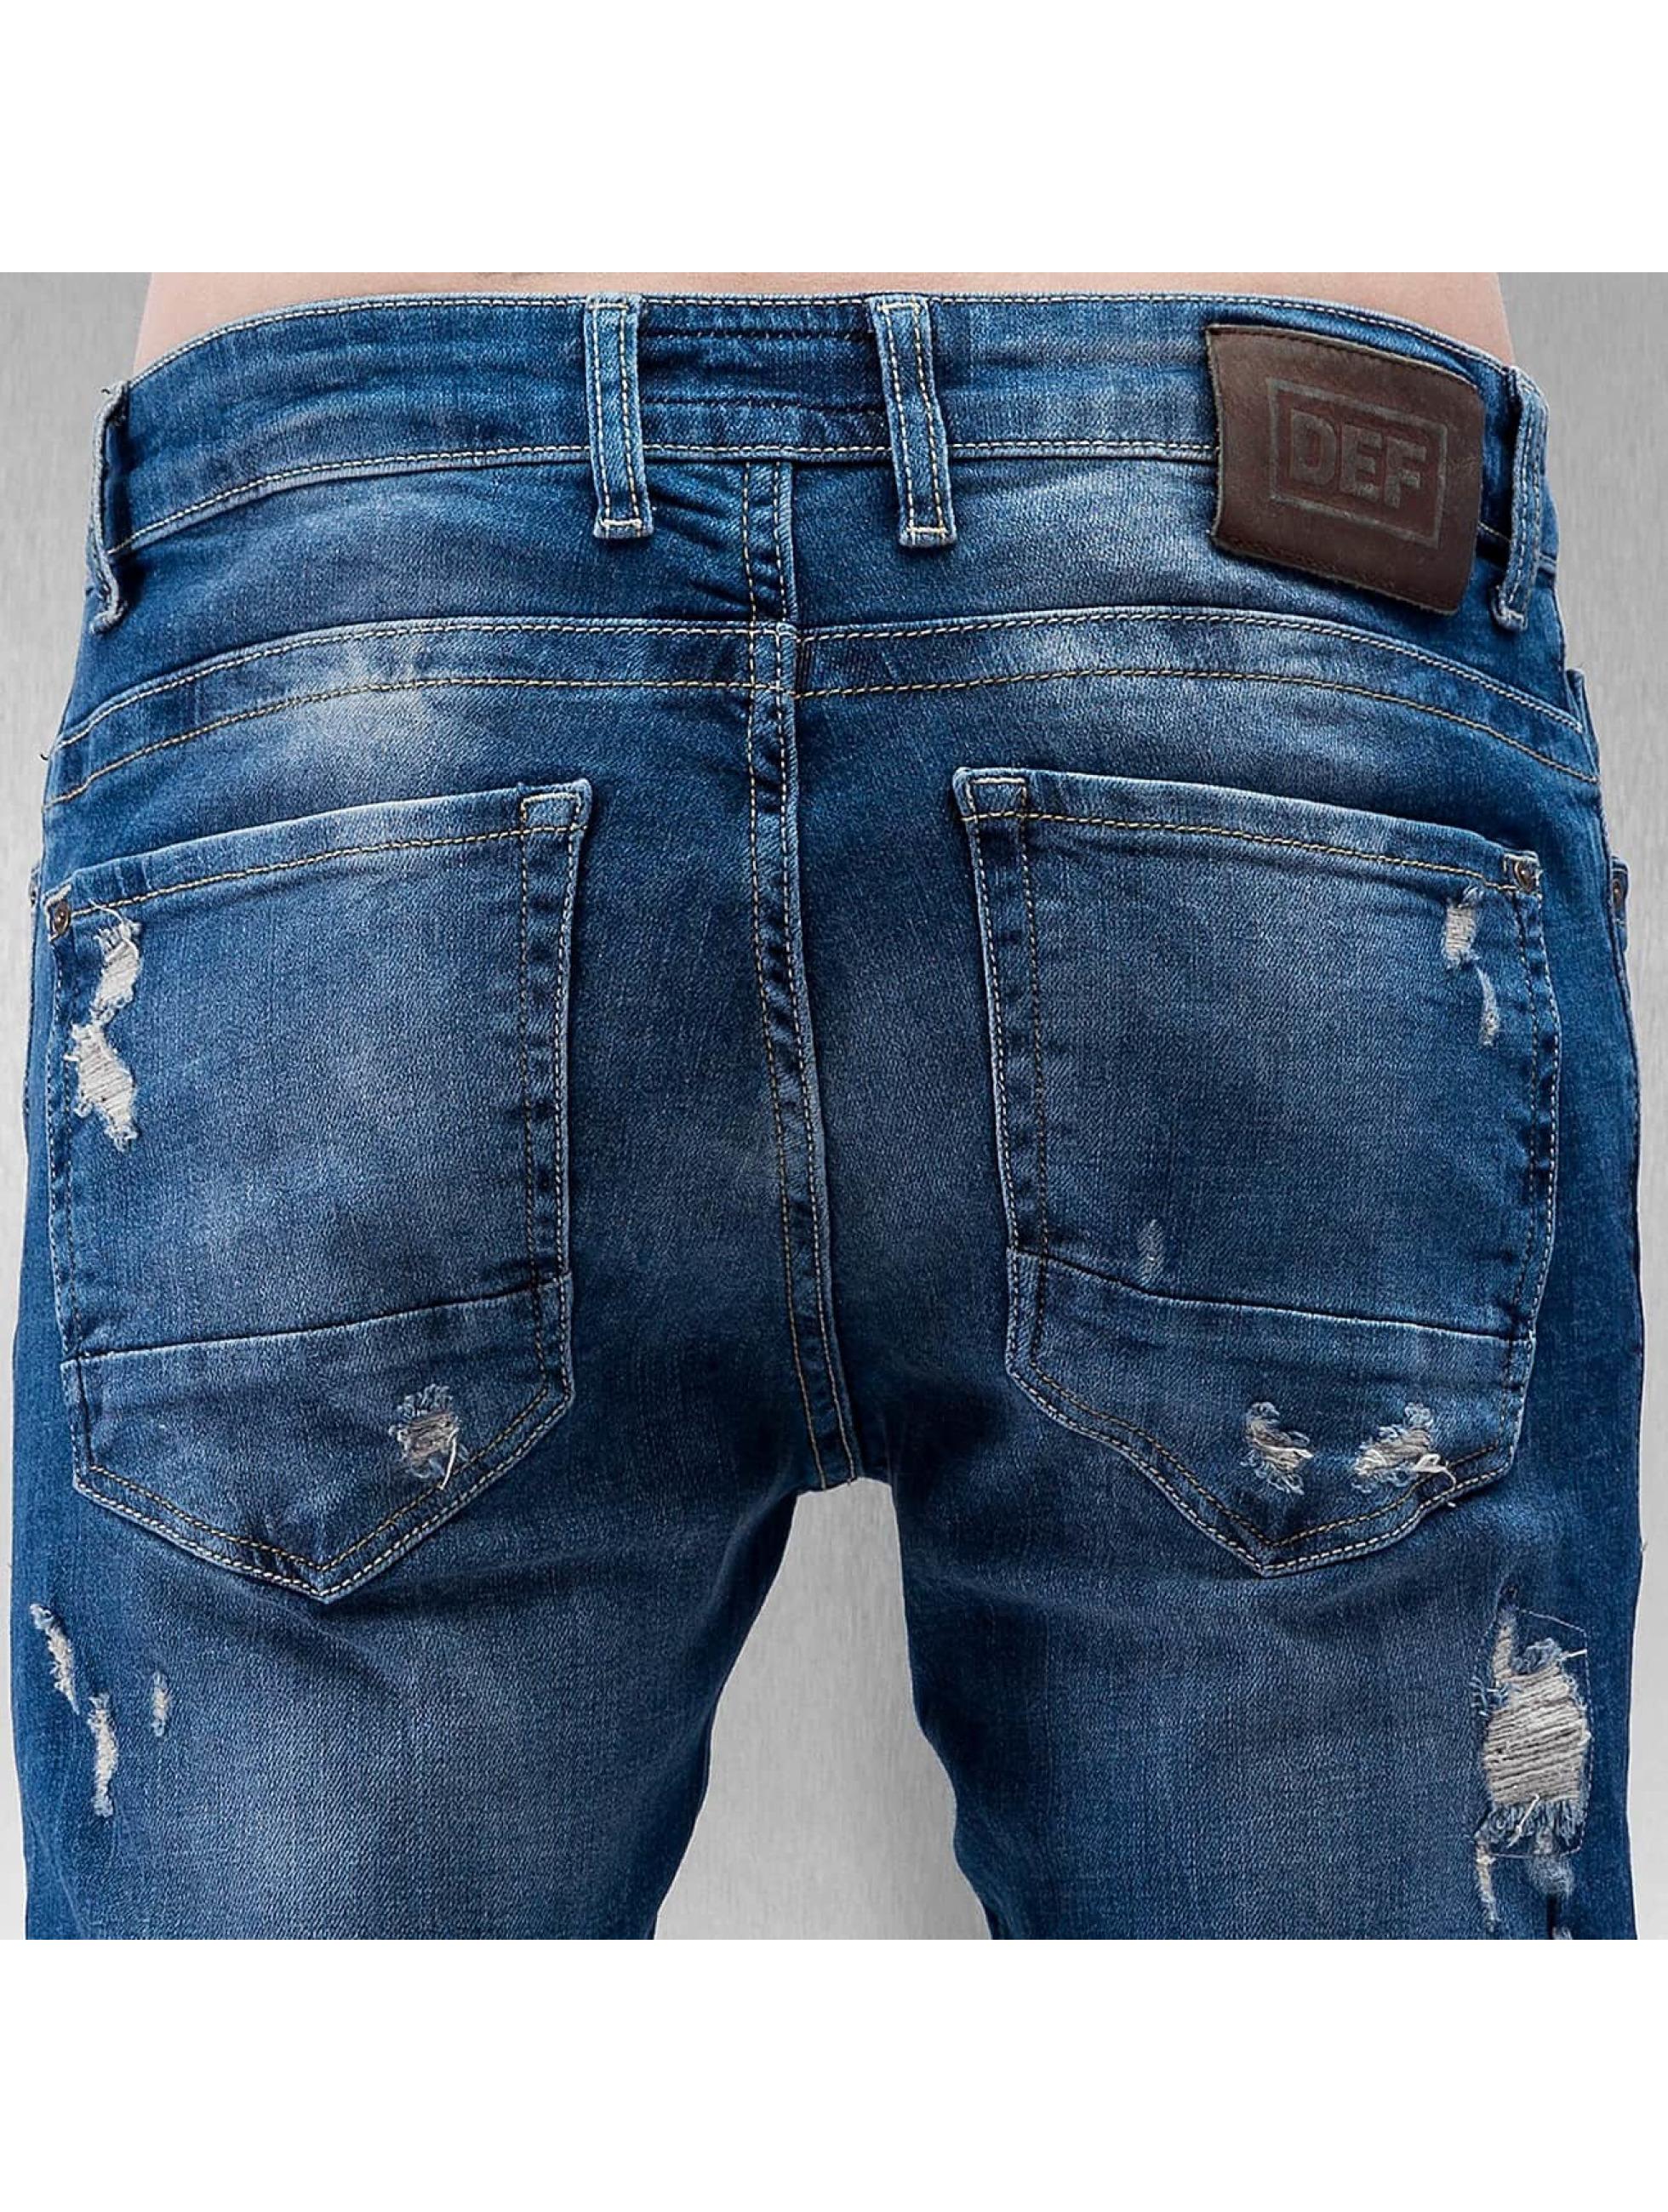 DEF Облегающие джинсы Egino синий